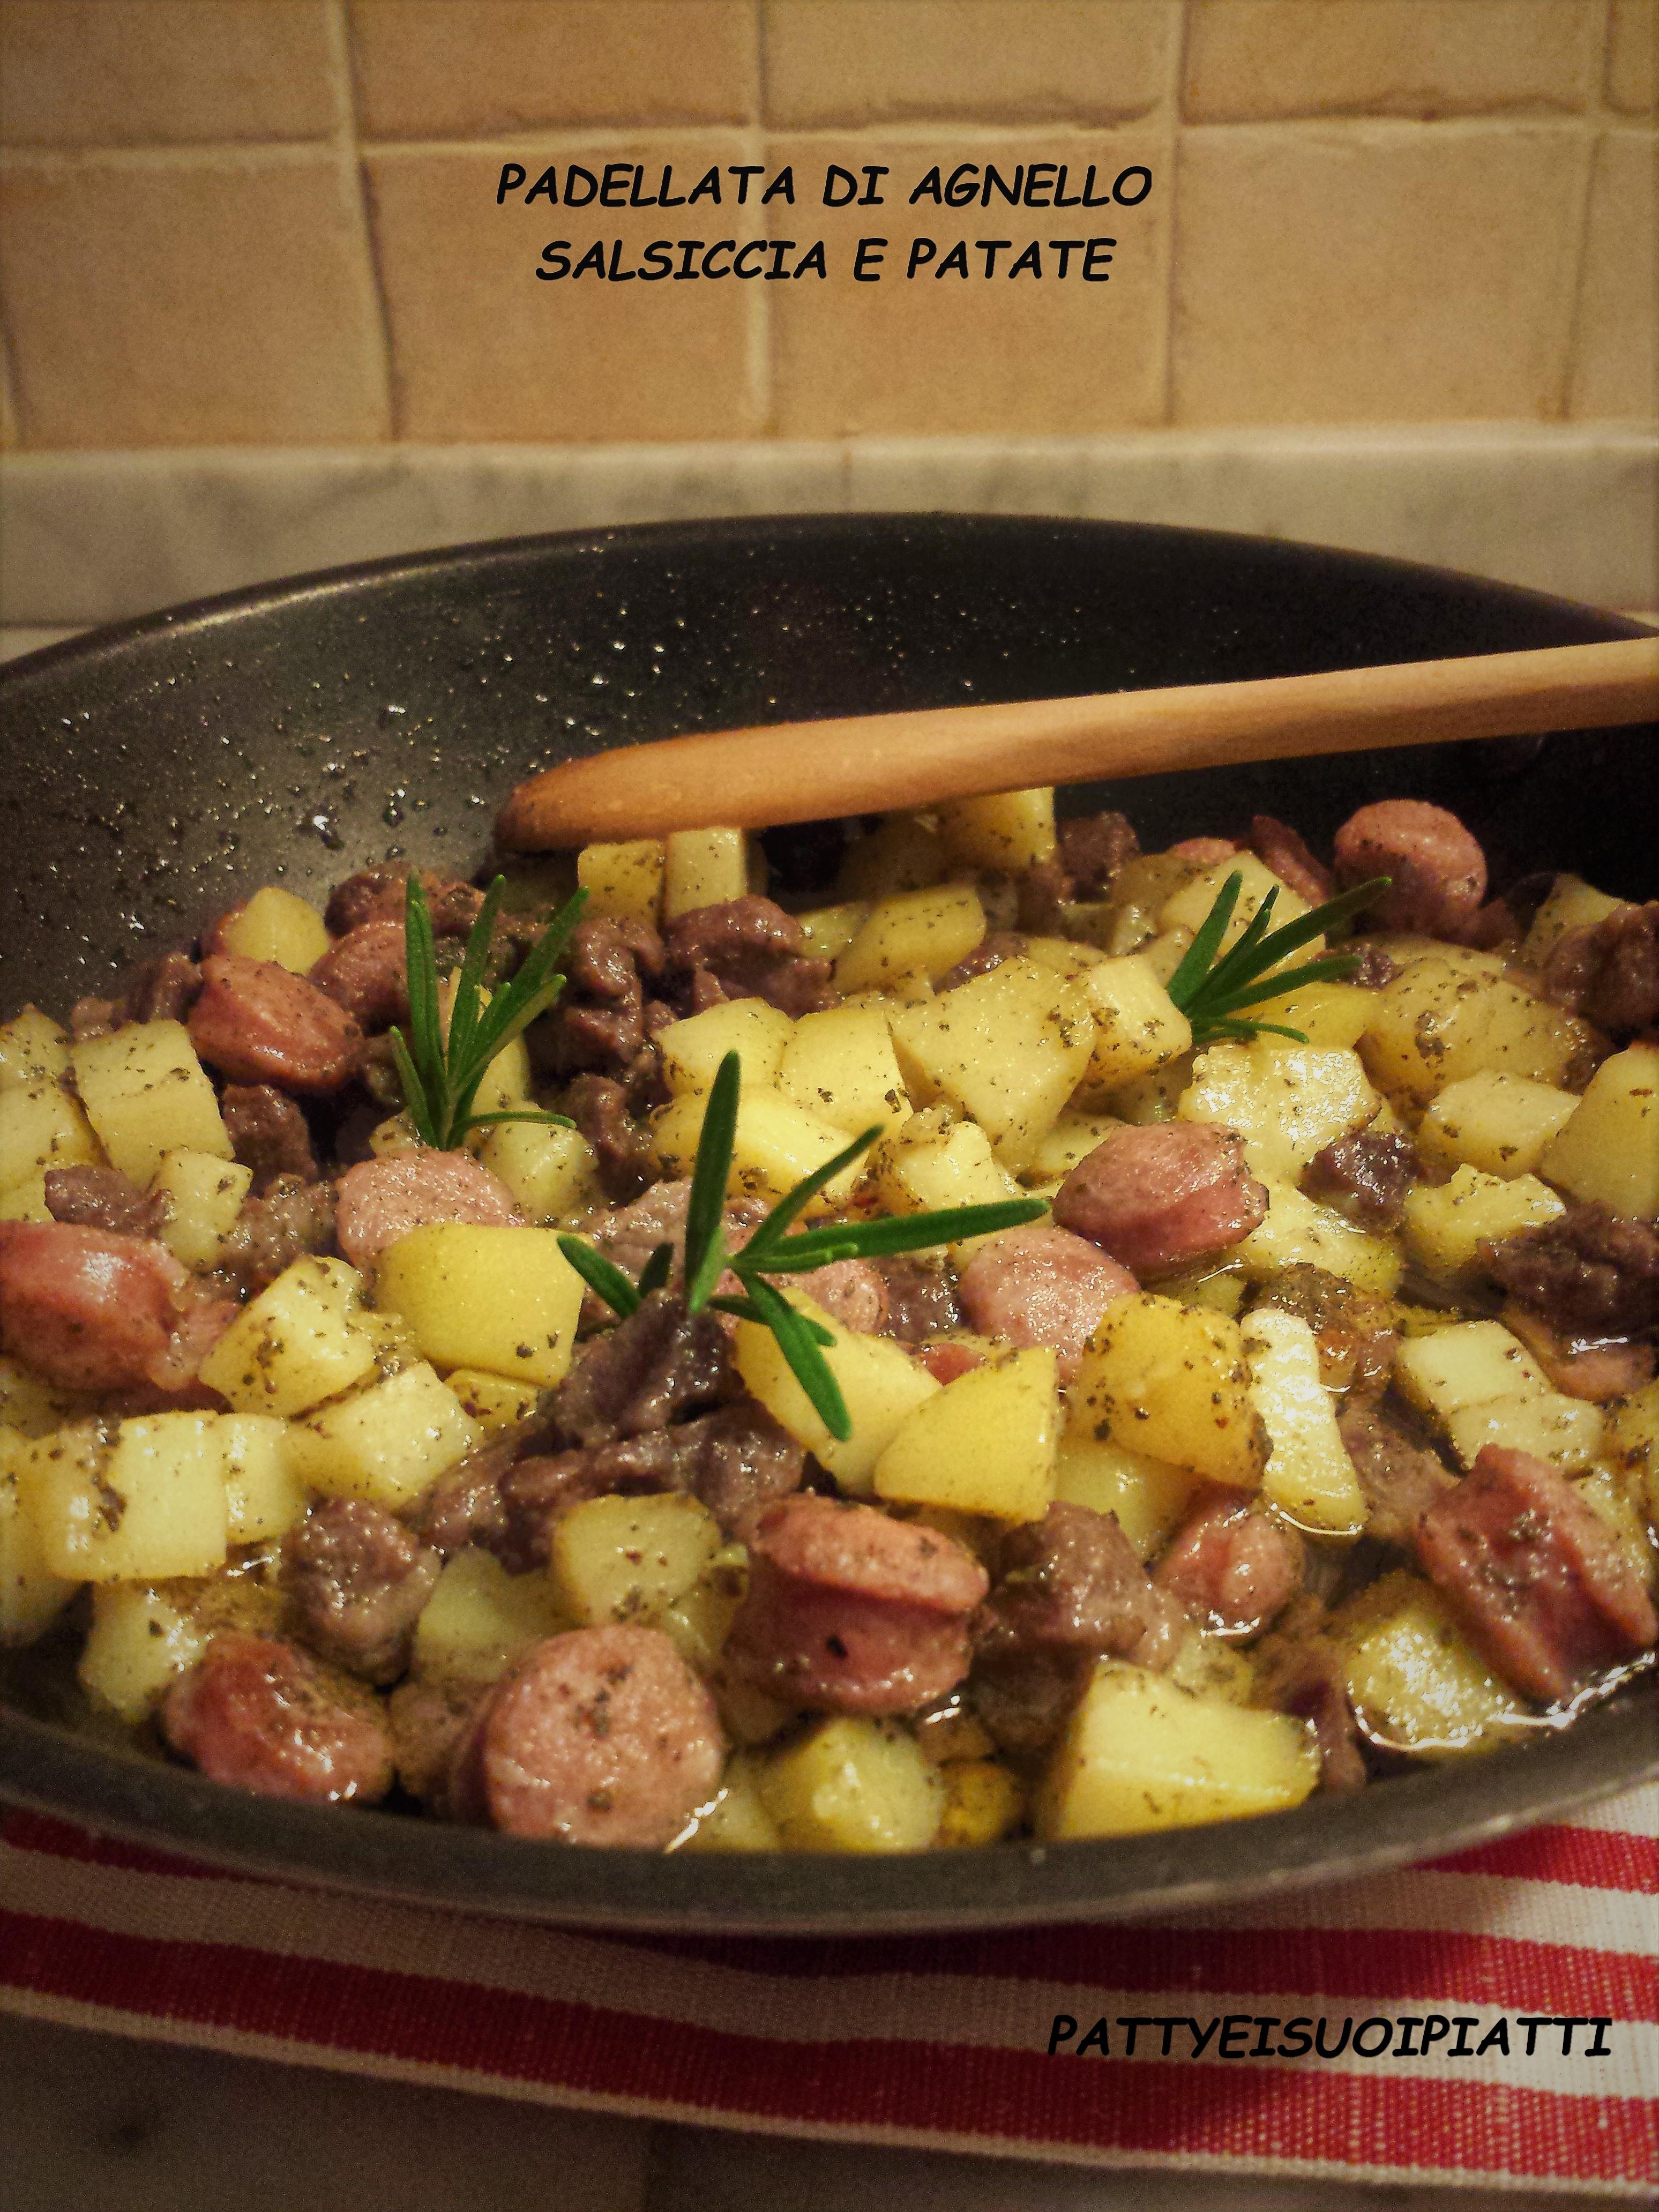 Padellata di agnello, salsiccia e patate